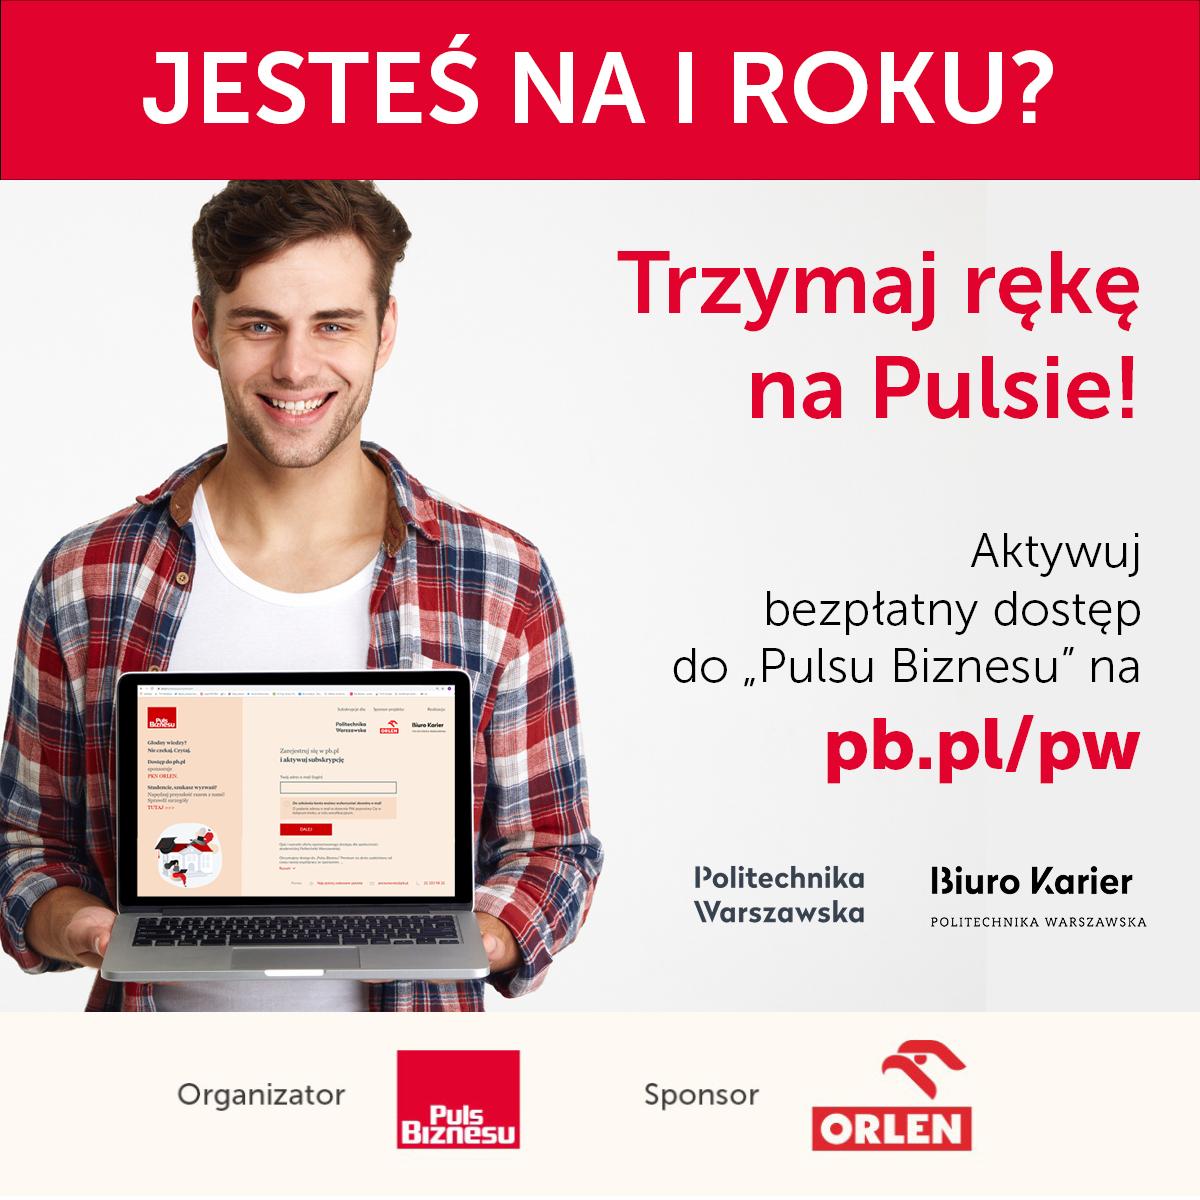 """Dostęp cyfrowy do """"Pulsu Biznesu"""" dla studentów Politechniki Warszawskiej"""